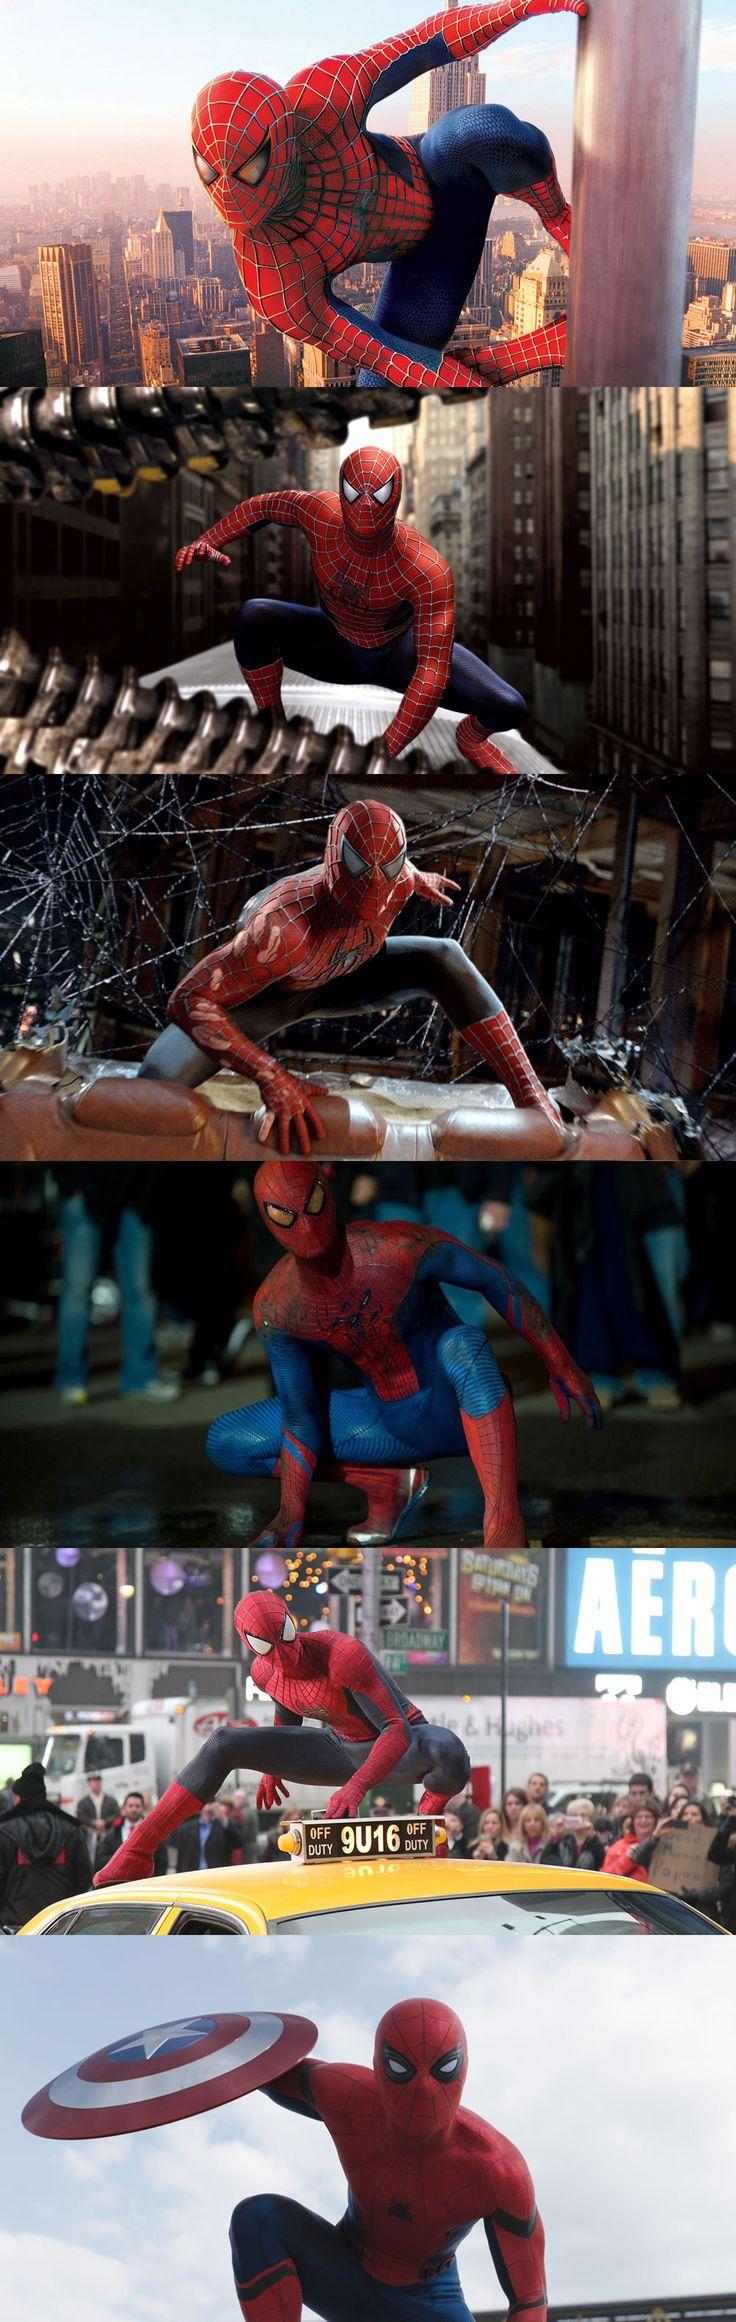 Homem-Aranha e os detalhes do novo uniforme do herói no cinema